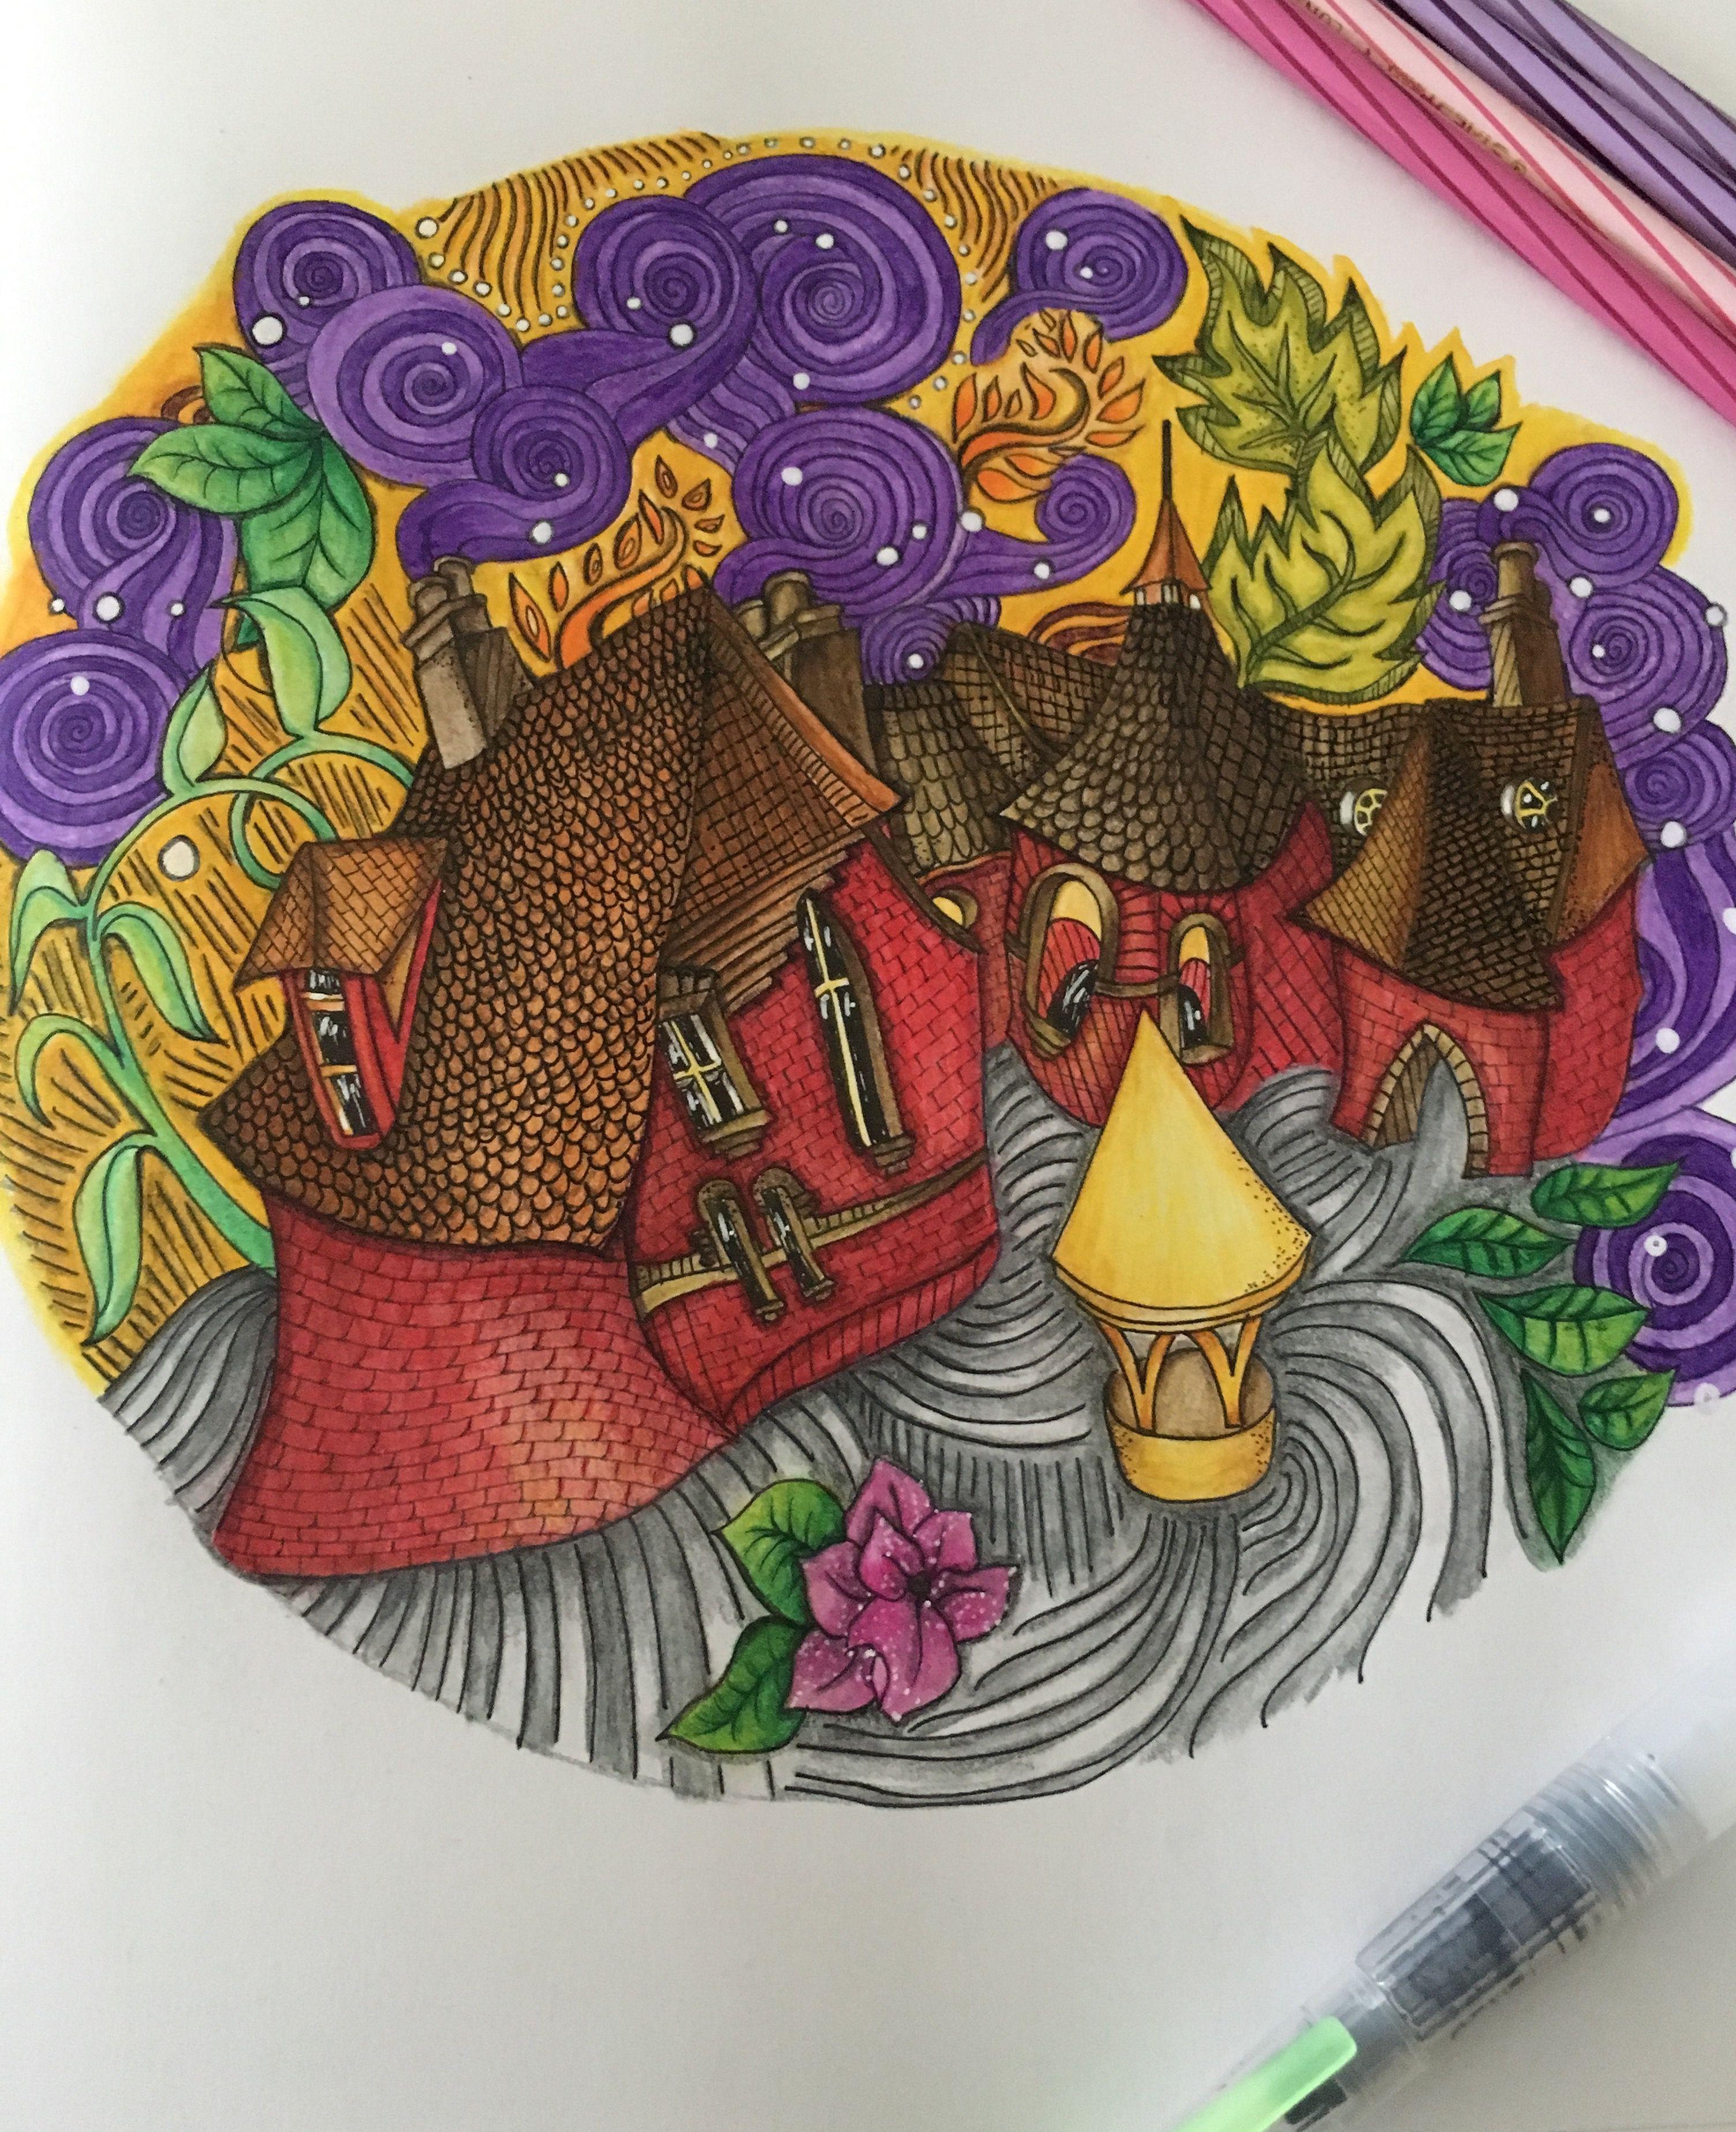 The Red House From The Magical City Colouring Book Coloured With Steadtler Luna Watercolour Pencils Libri Da Colorare Libri Da Colorare Per Adulti Colori